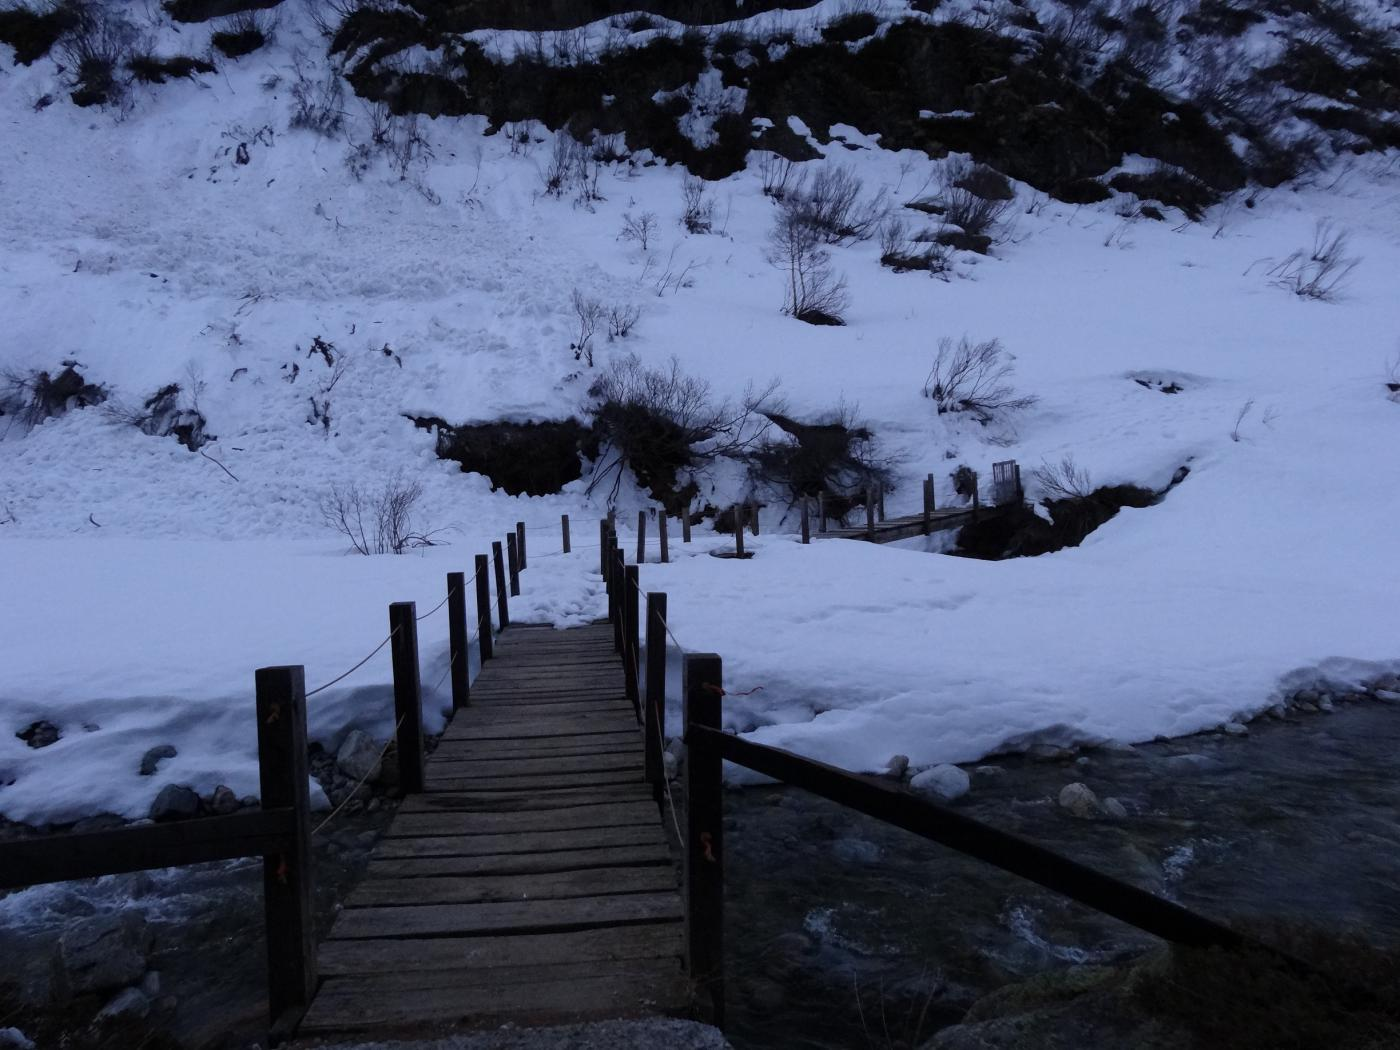 il ponte per attraversare il torrente